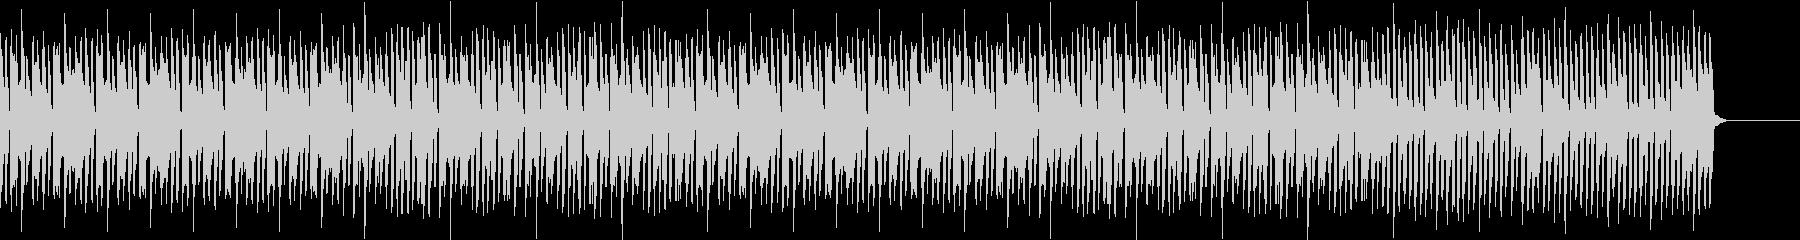 チュートリアルのような優しい音楽の未再生の波形